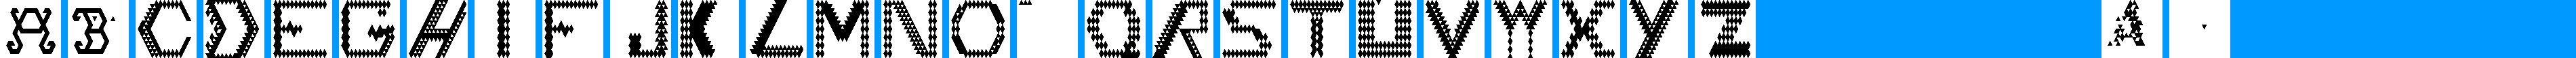 Particip-a-type v.184